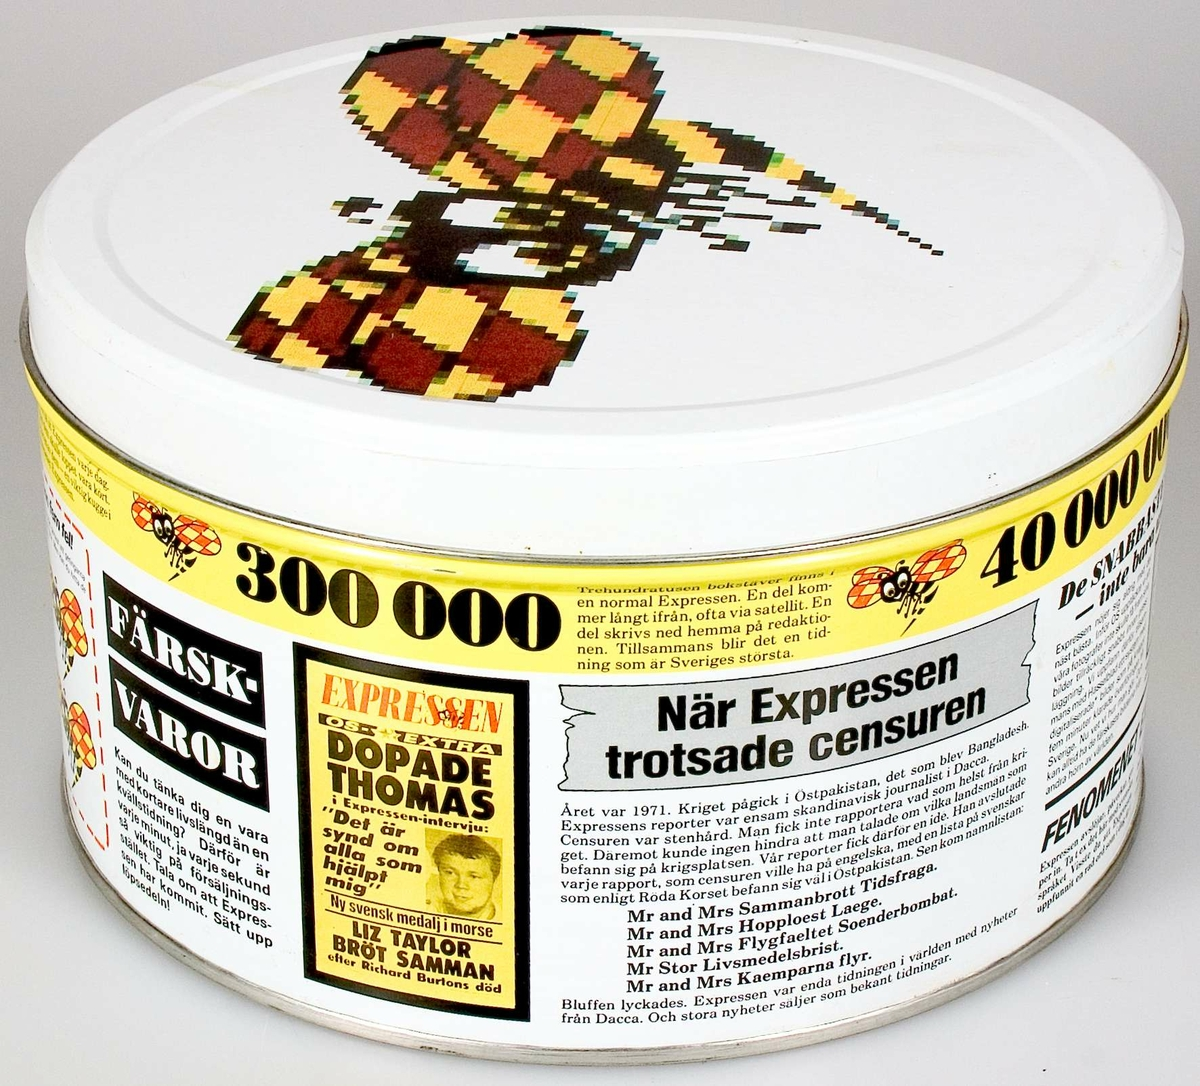 Kakförpackning av järnplåt. Tryckt dekor: vit bottenfärg. På locket tidningen Expressens logotype i svart, brunt och gult. På burken illustrationer och texter om tidningen Expressen.